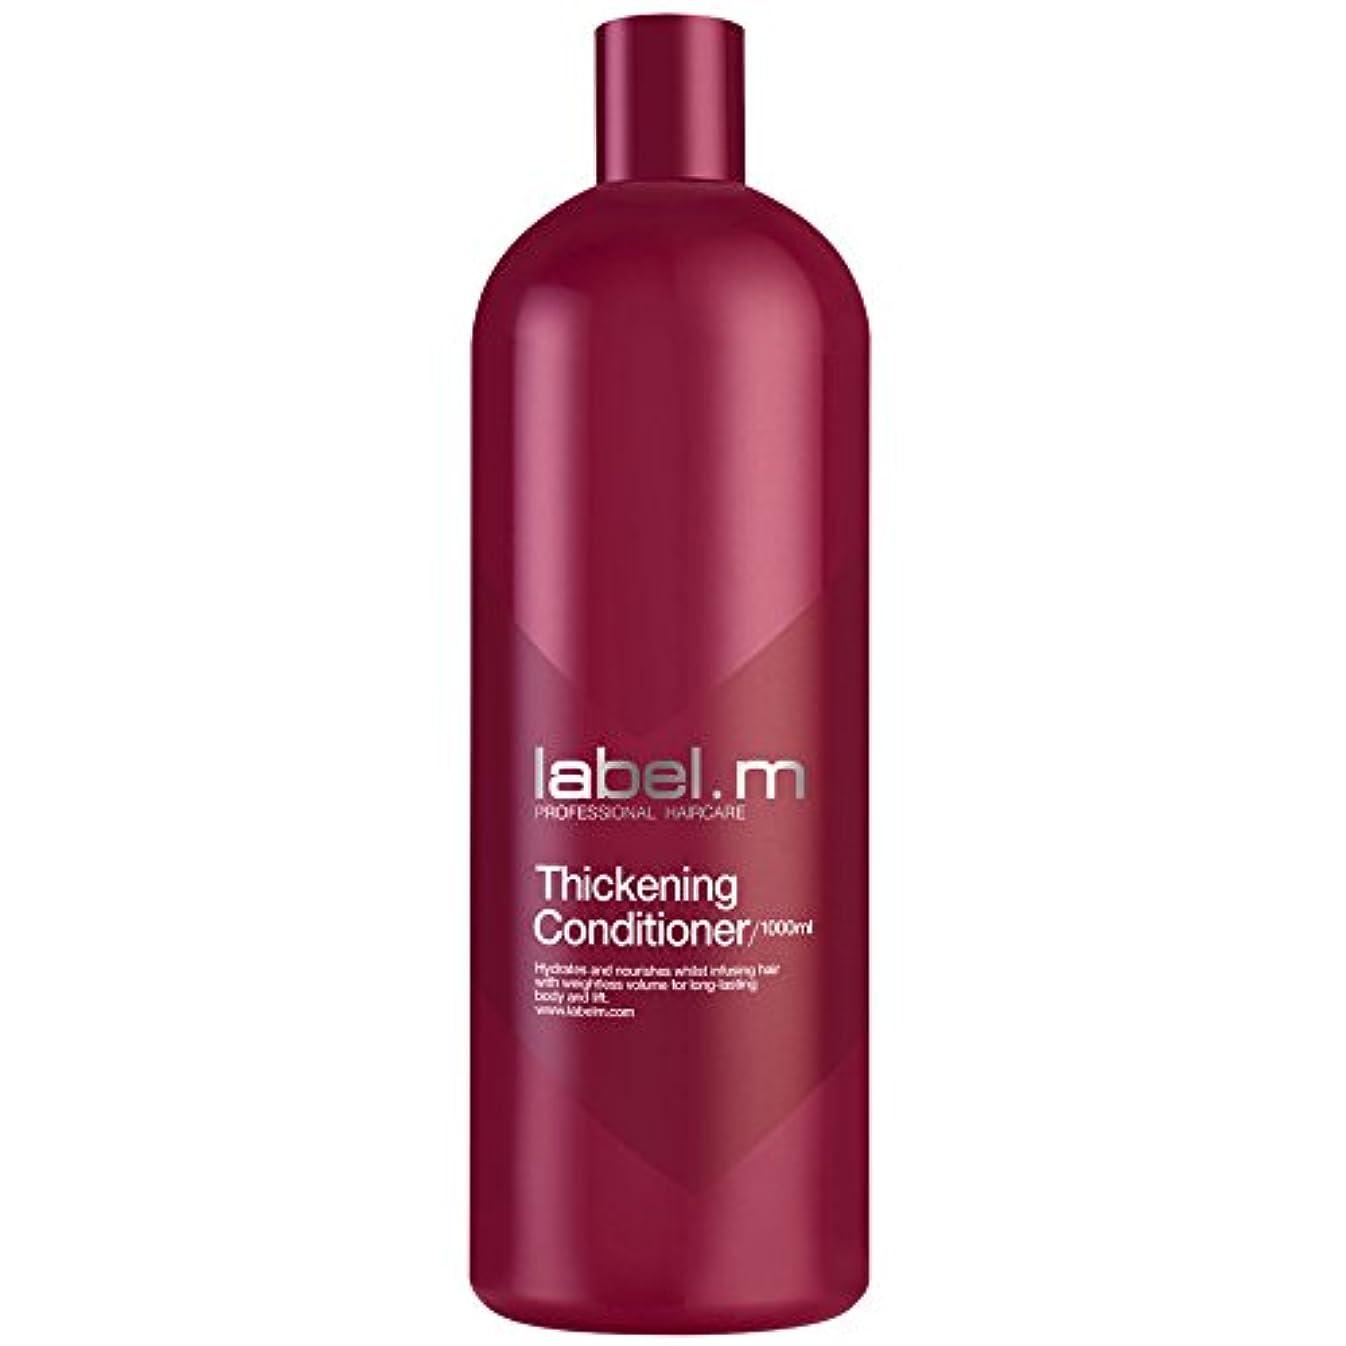 抑圧体操おびえたレーベルエム シックニング コンディショナー (髪に潤いと栄養を与えて、軽やかでコシとボリュームのある髪を長時間キープします。) 1000ml